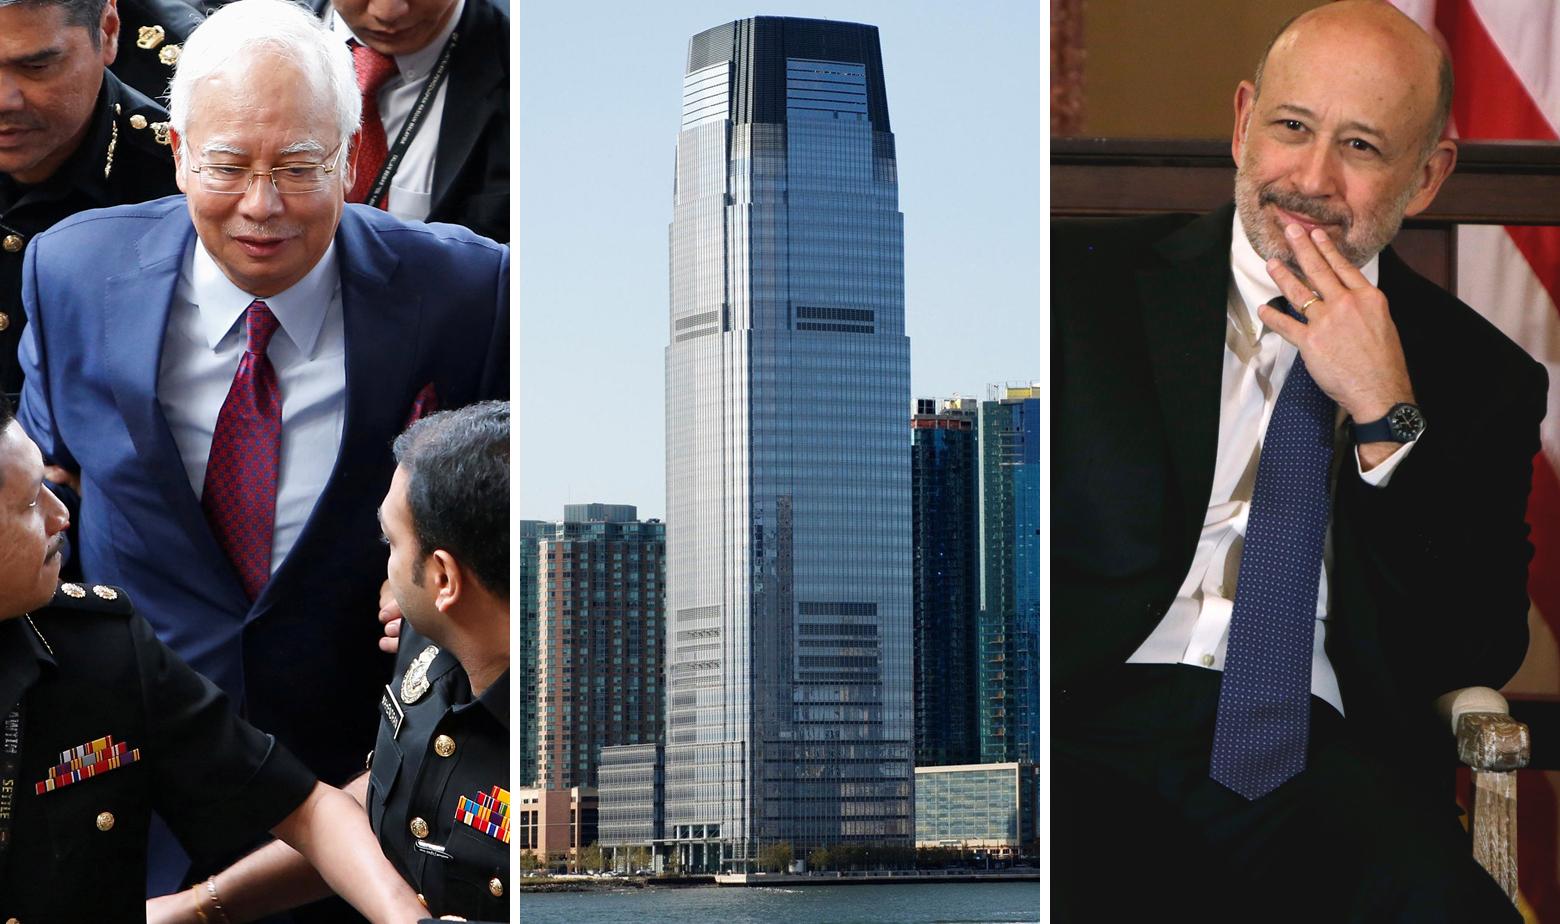 Bivši premijer Malezije Najib Razak, sjedište Goldman Sachsa i bivši izvršni direktor Goldman Sachsa Lloyd Blankfein